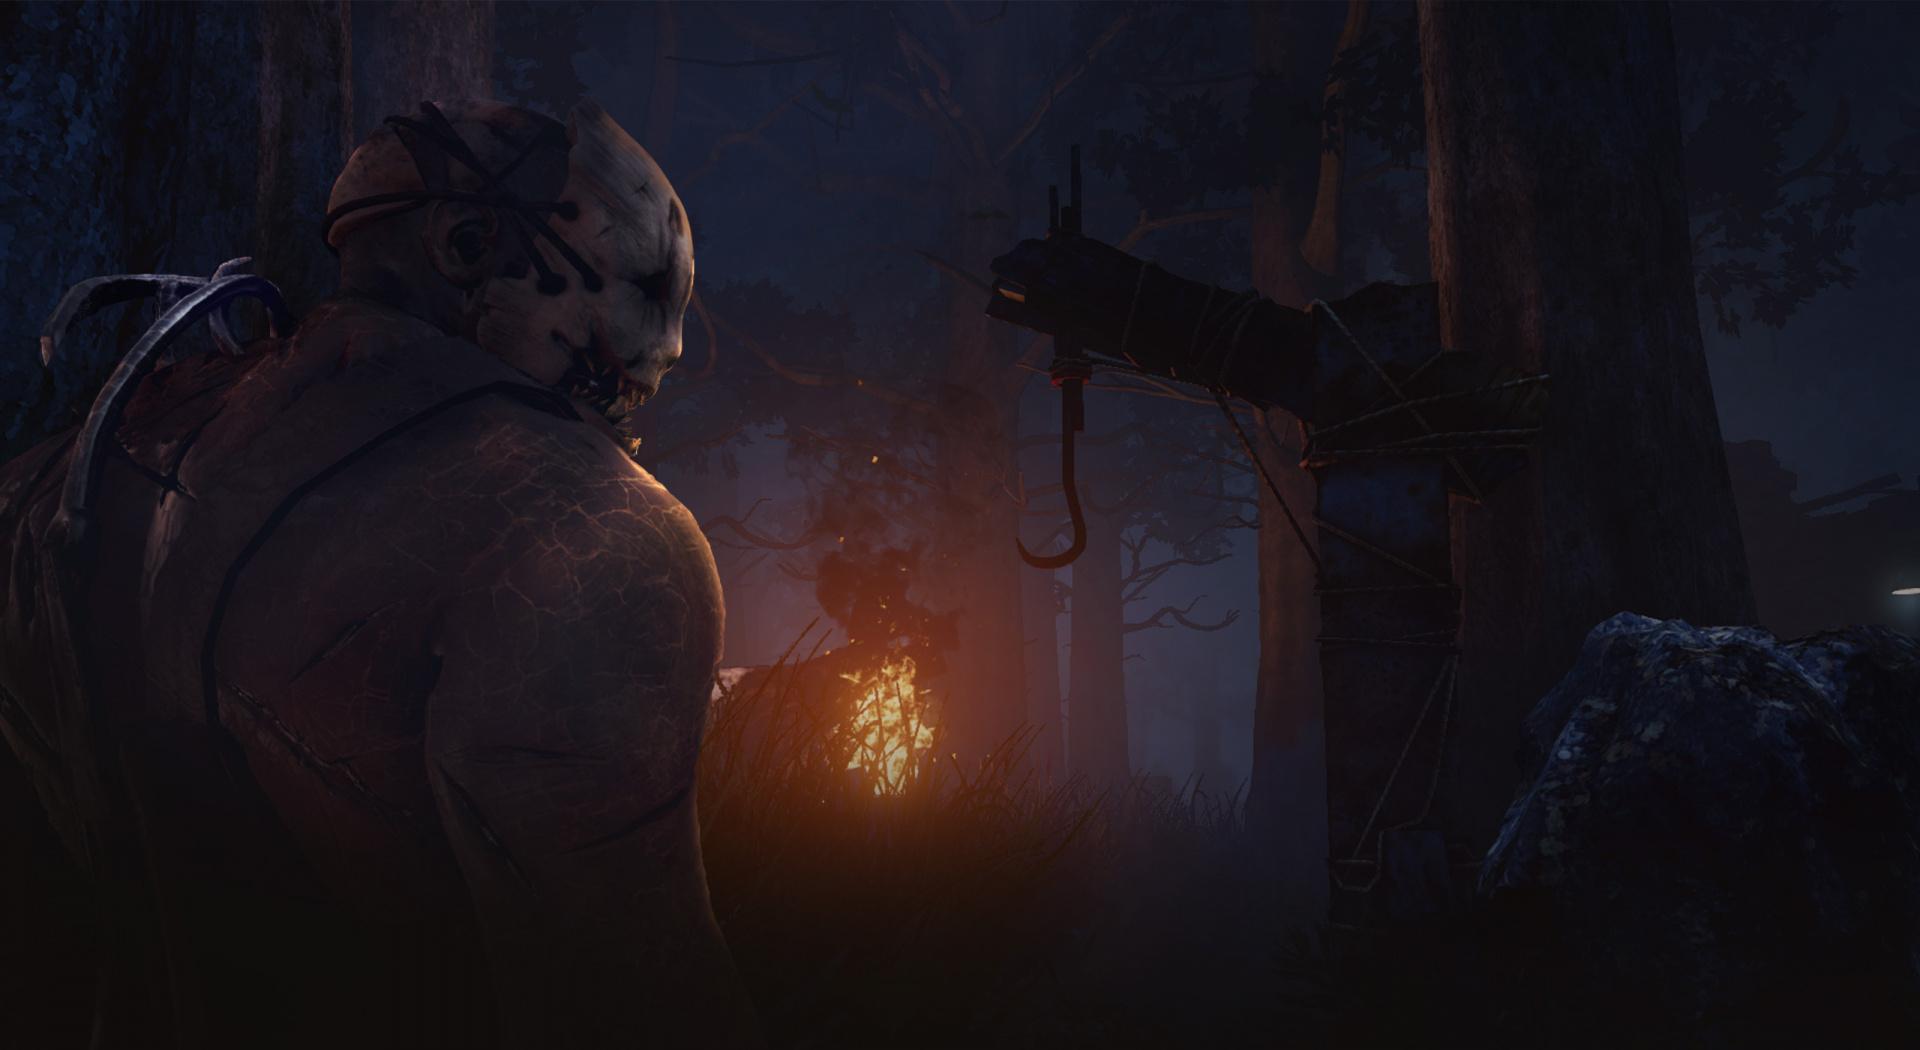 Dead By Daylight получит новые анимации, интерфейс и матчмейкинг